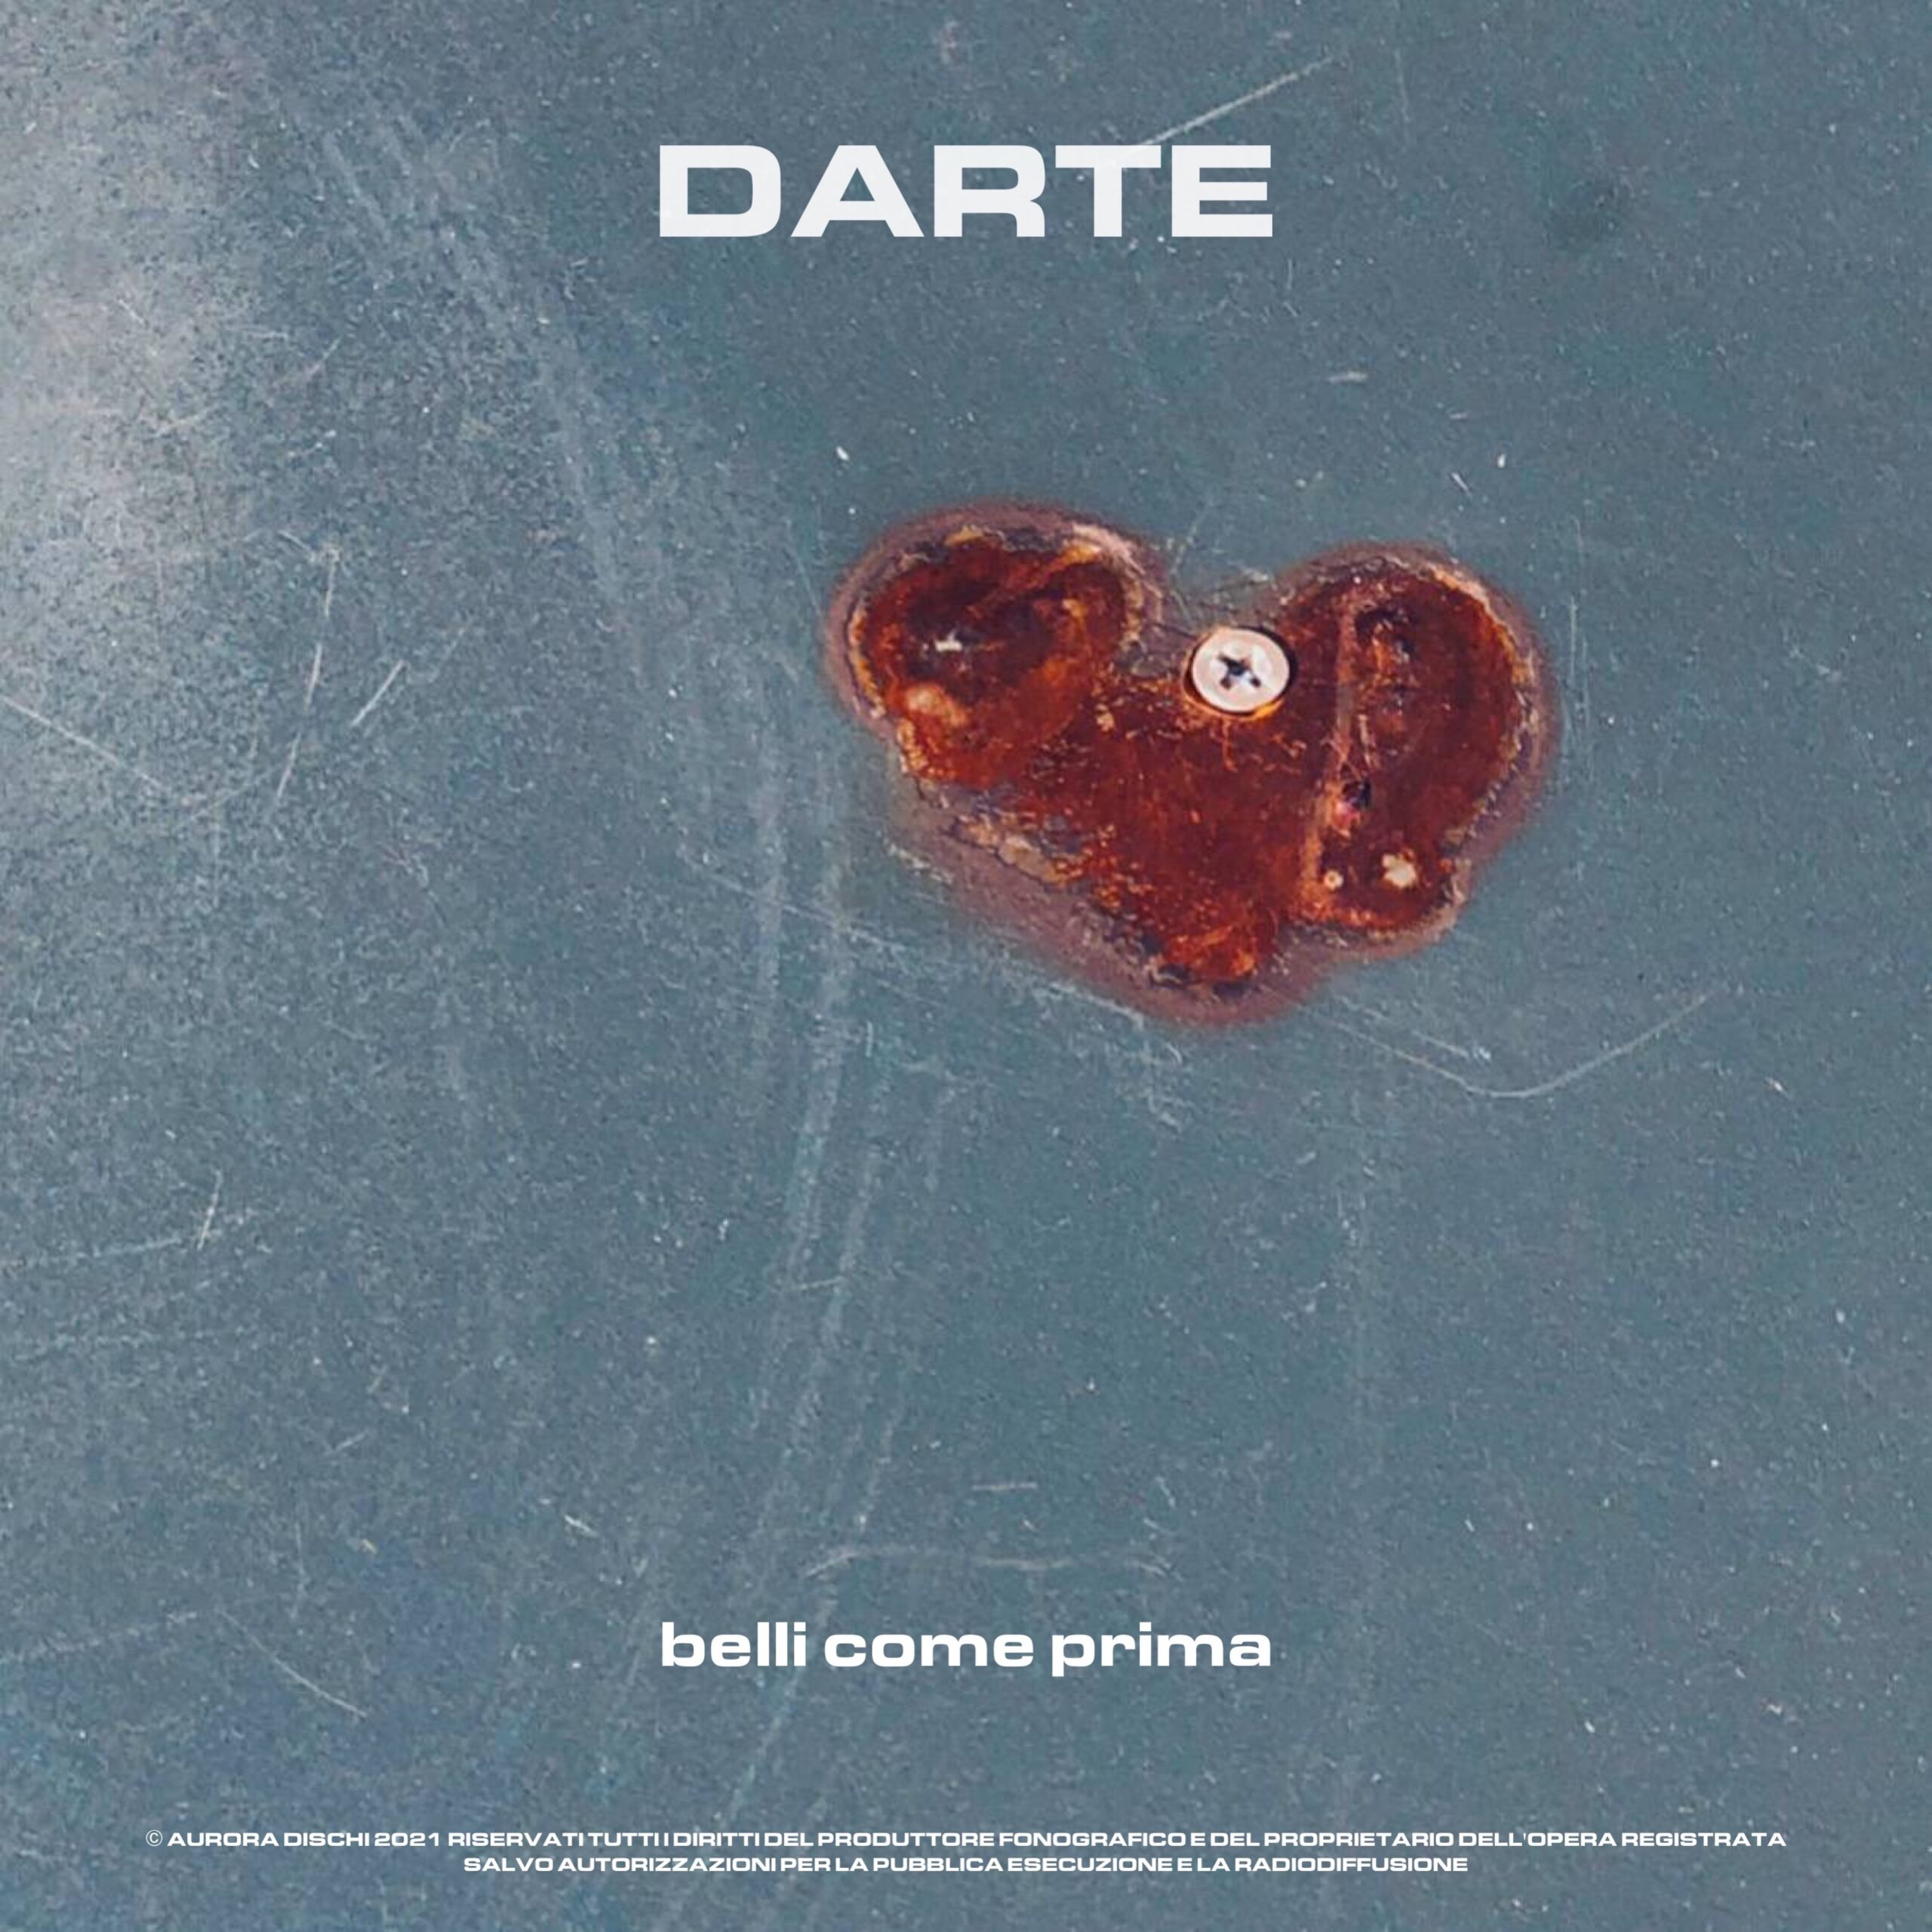 """Read more about the article DARTE – ON LINE IL VIDEOCLIP DEL NUOVO SINGOLO """"Belli come prima"""""""